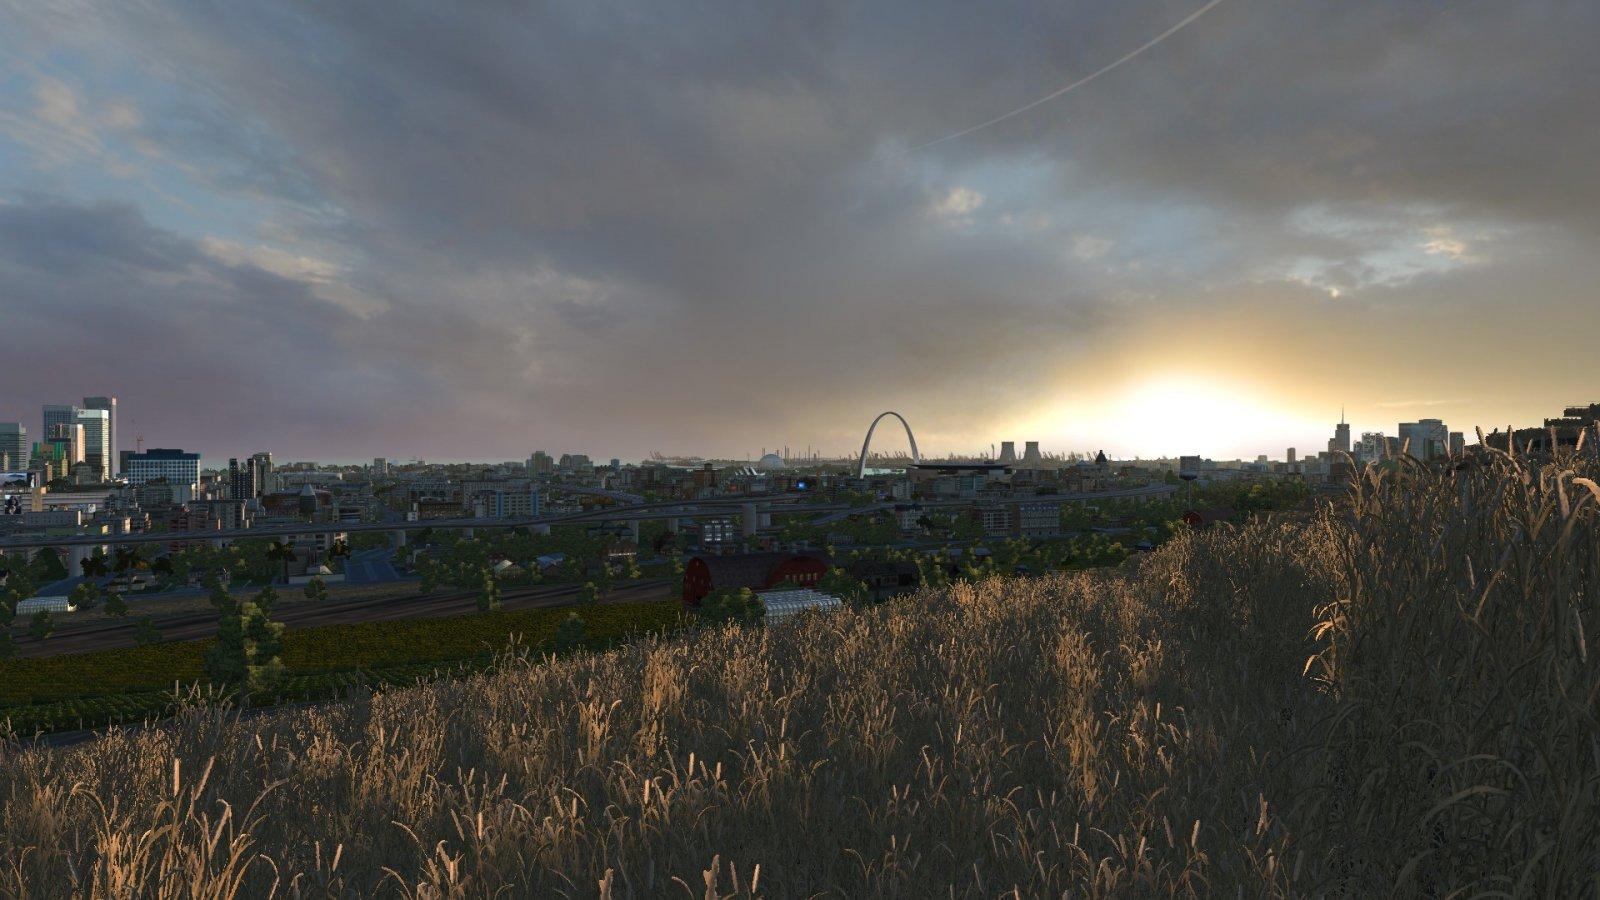 gamescreen0056.jpg